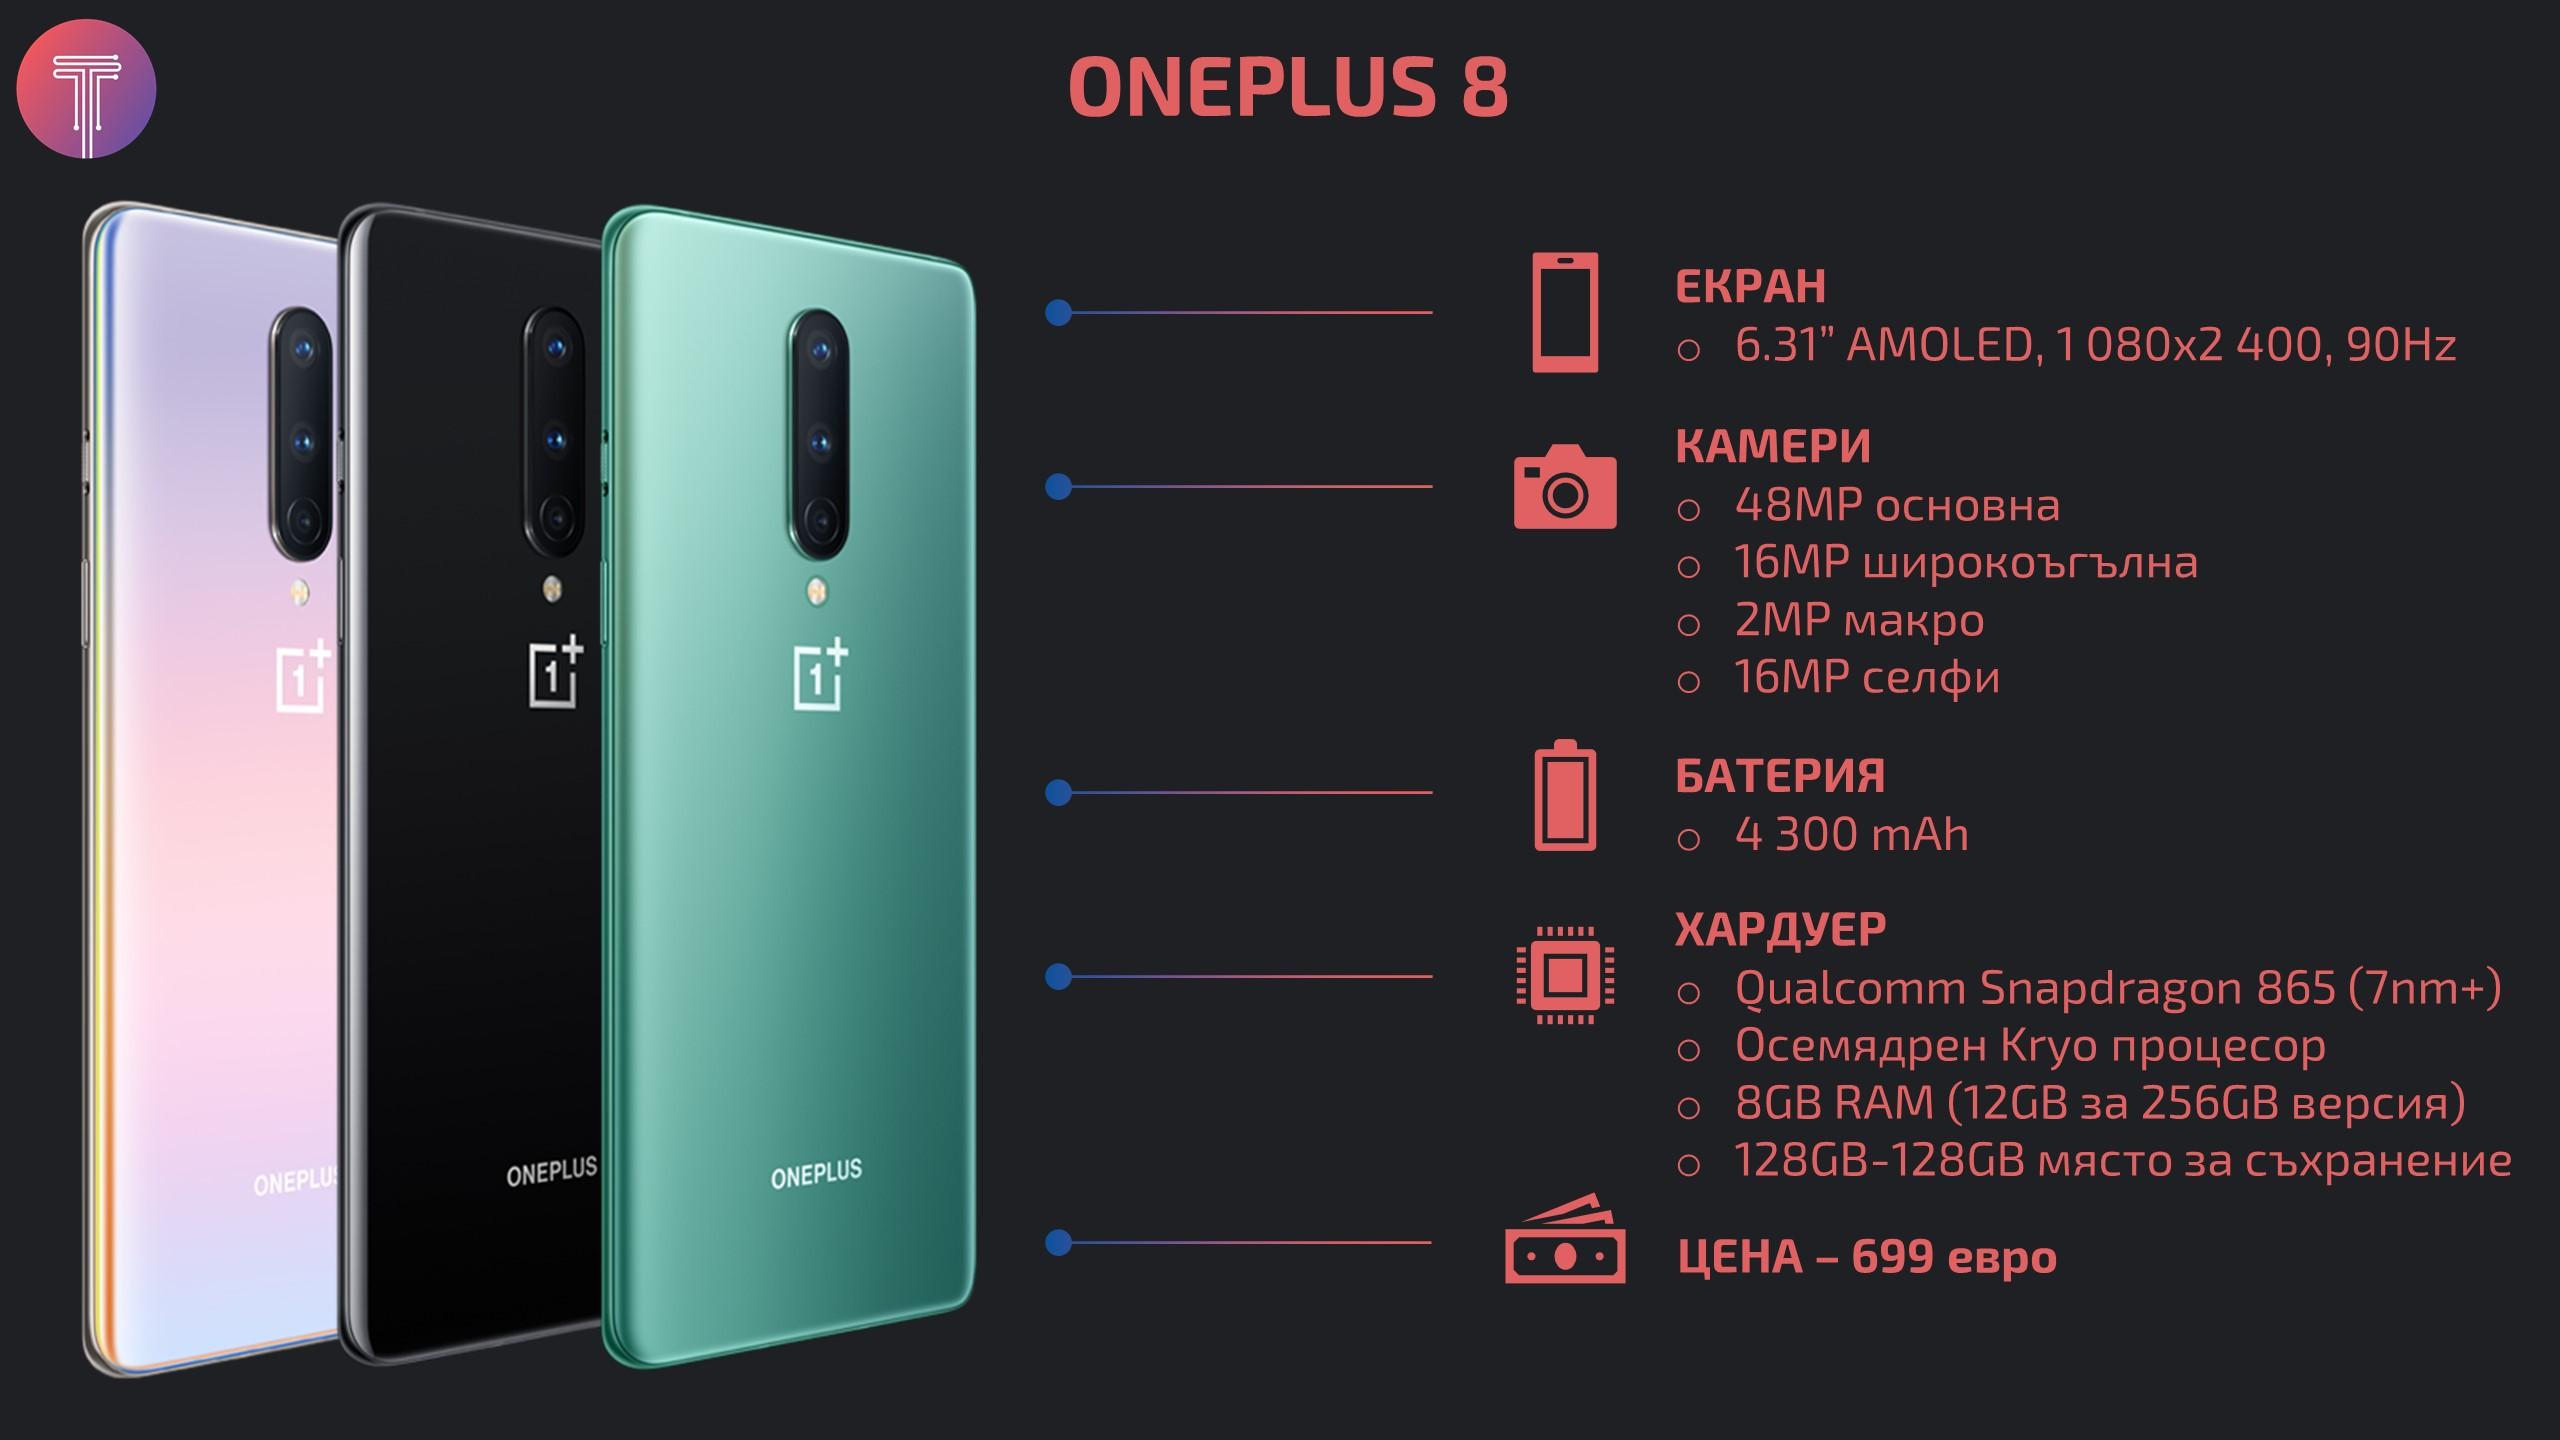 OnePlus 8 Infographic